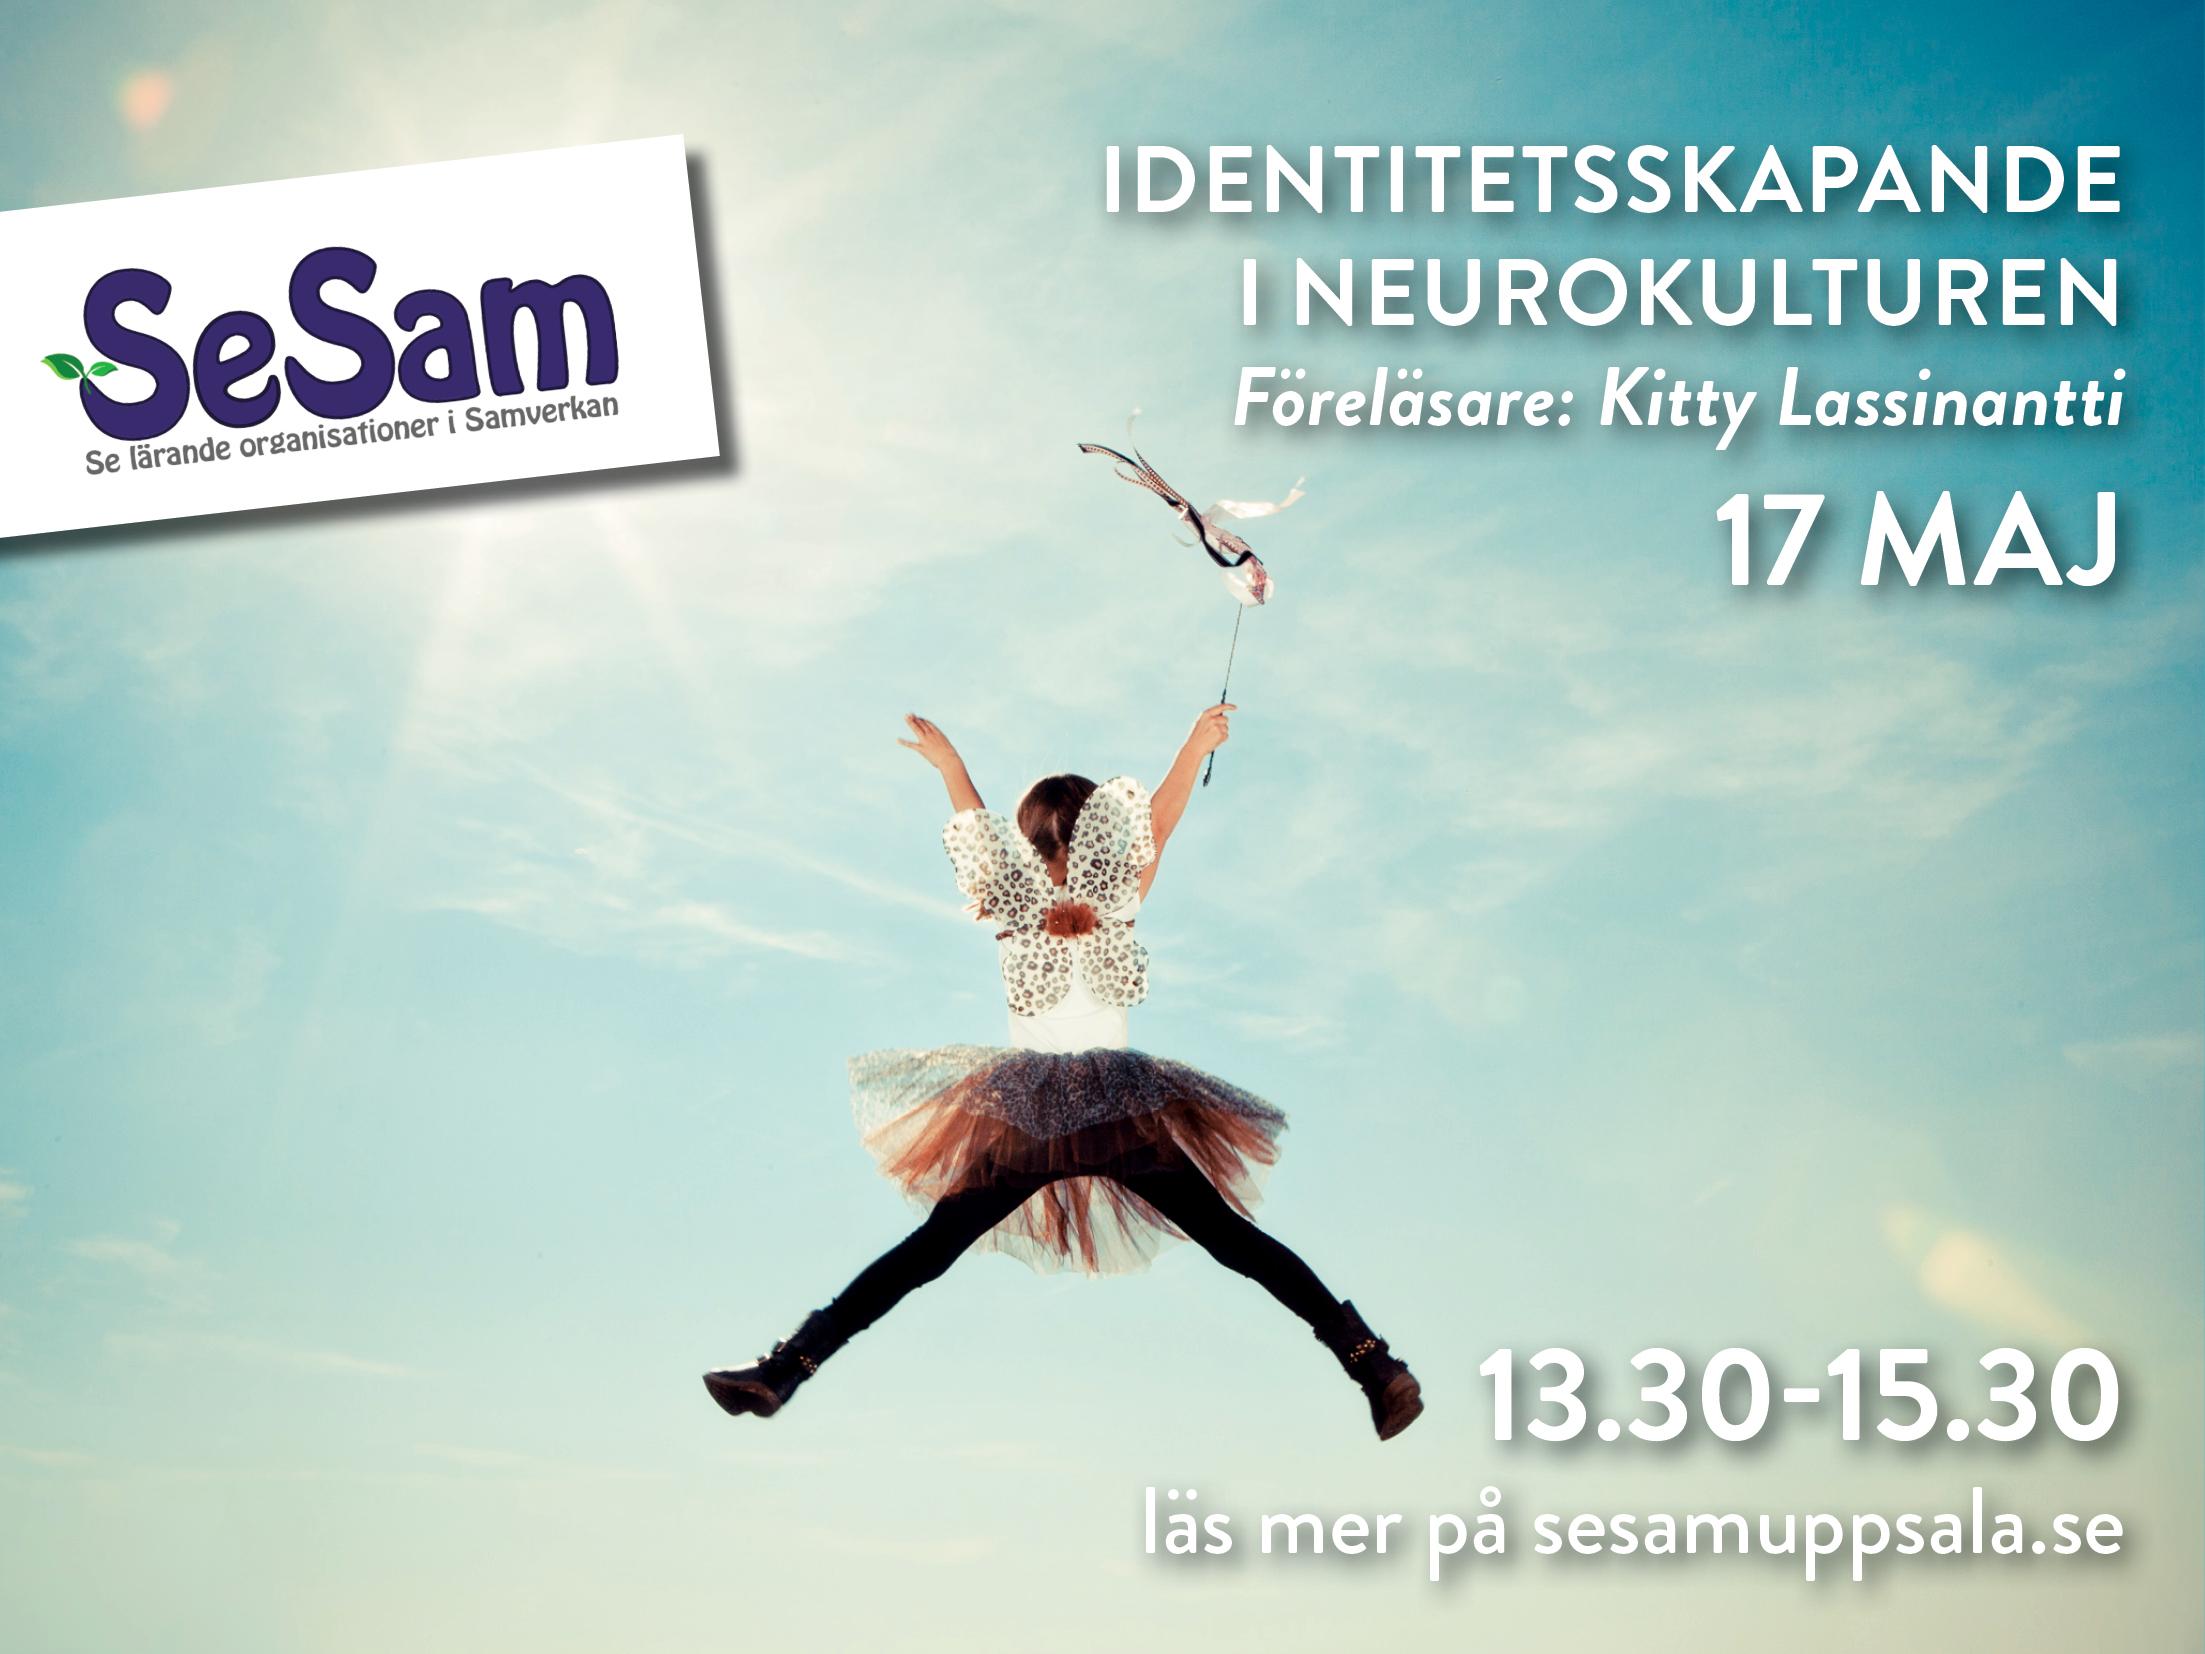 17/5 – Identitetsskapande i neurokulturen – en föreläsning från SeSam